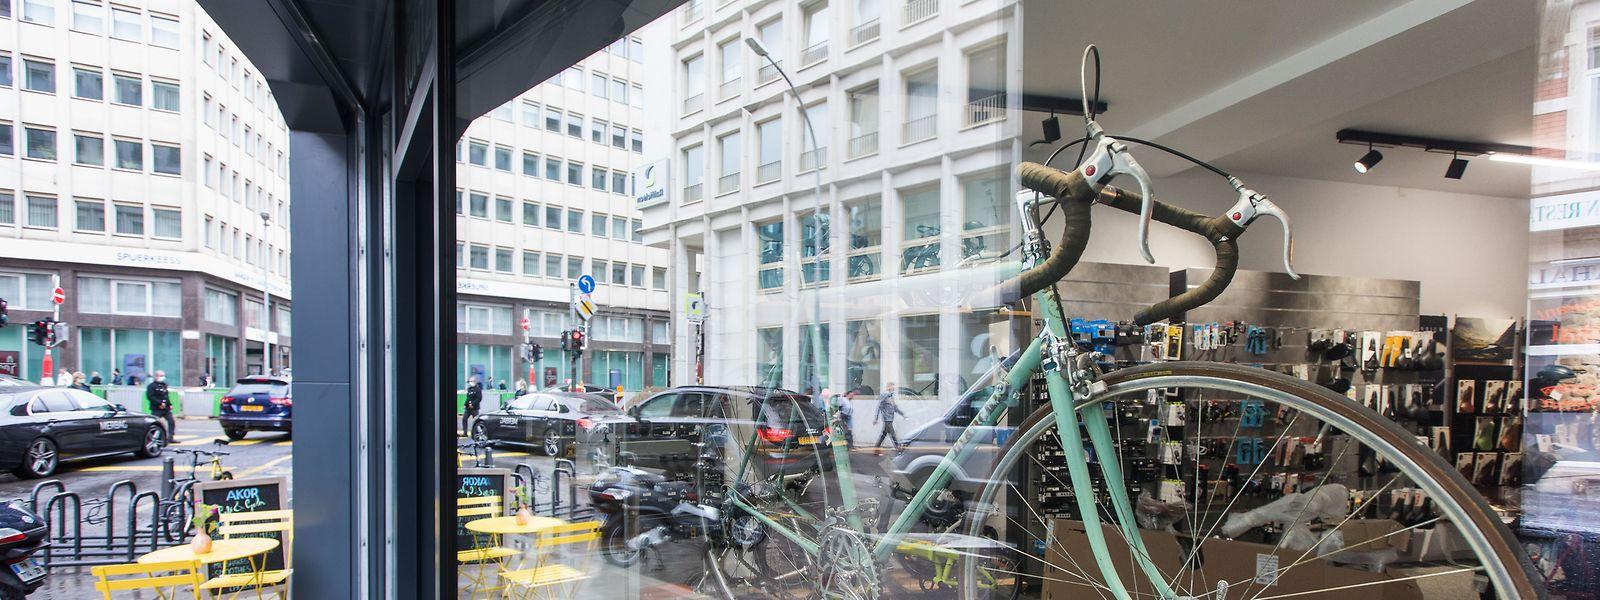 """Das Fahrrad galt lange eher als Sportgerät. Jetzt wird es wieder zum Fortbewegungsmittel, sagt Benji Kontz, Geschäftsführer von """"Cycles Arnold Kontz""""."""